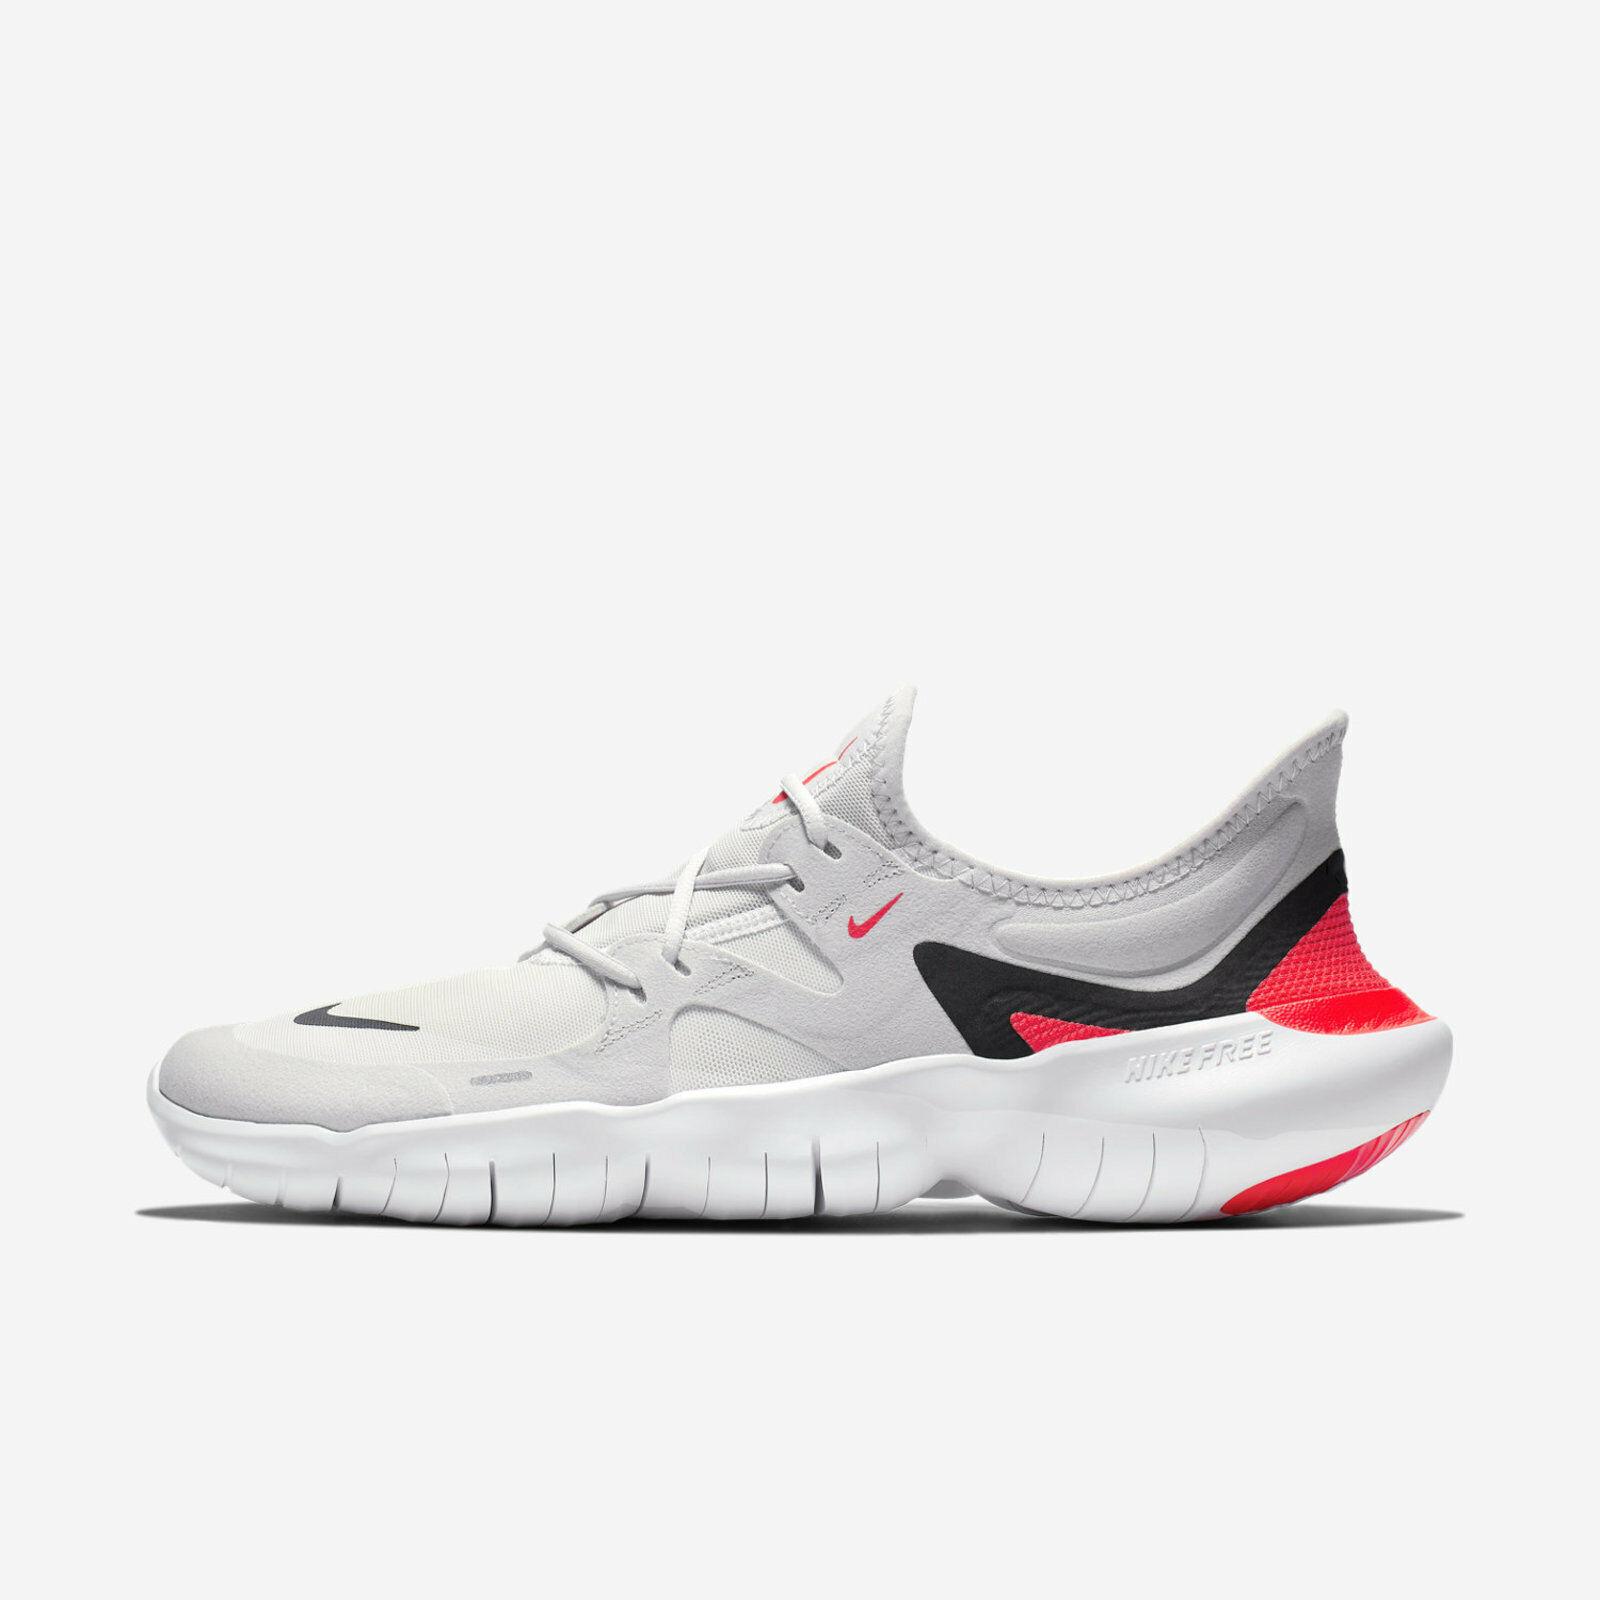 Nike Free RN 5.0 Uomo  Scarpe in corso Vast grigio  nero  economico e alla moda